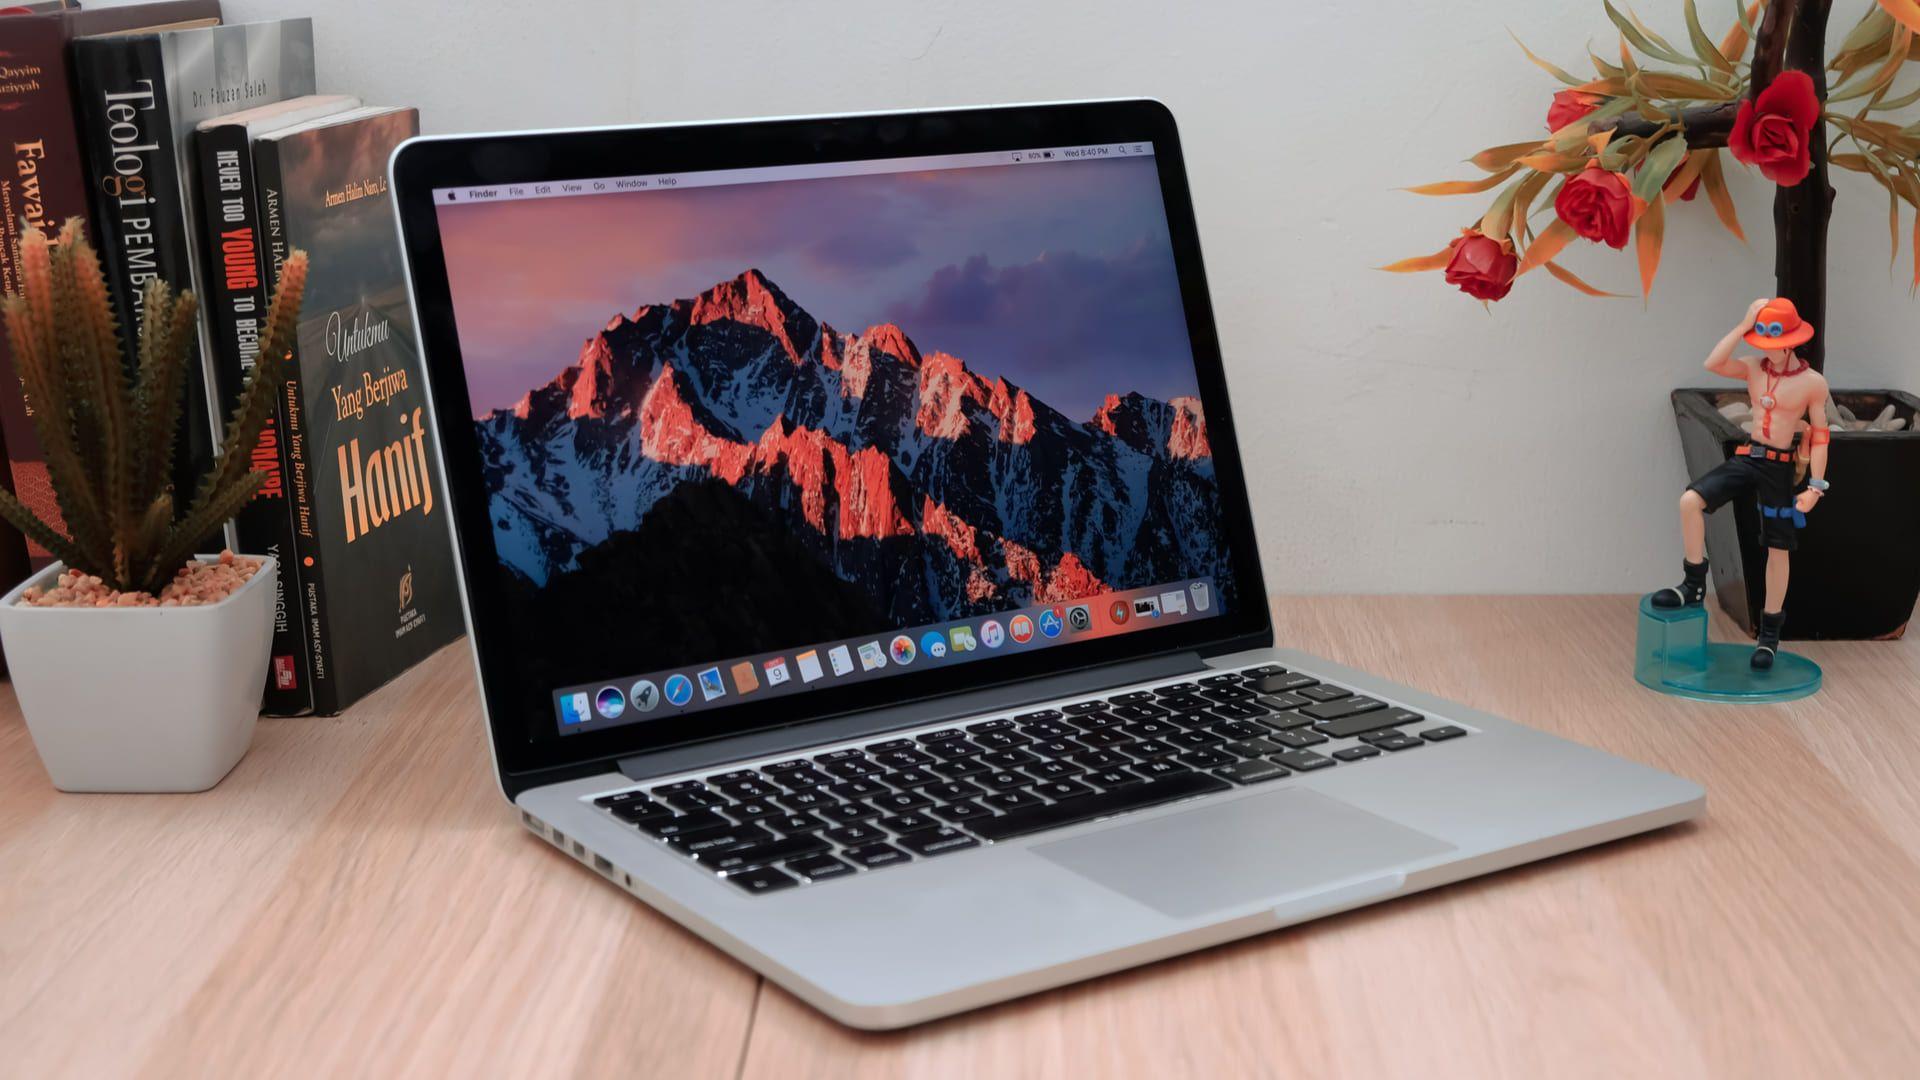 O MacBook Pro 2019 é indicado para uso no dia a dia (Foto: Shutterstock)